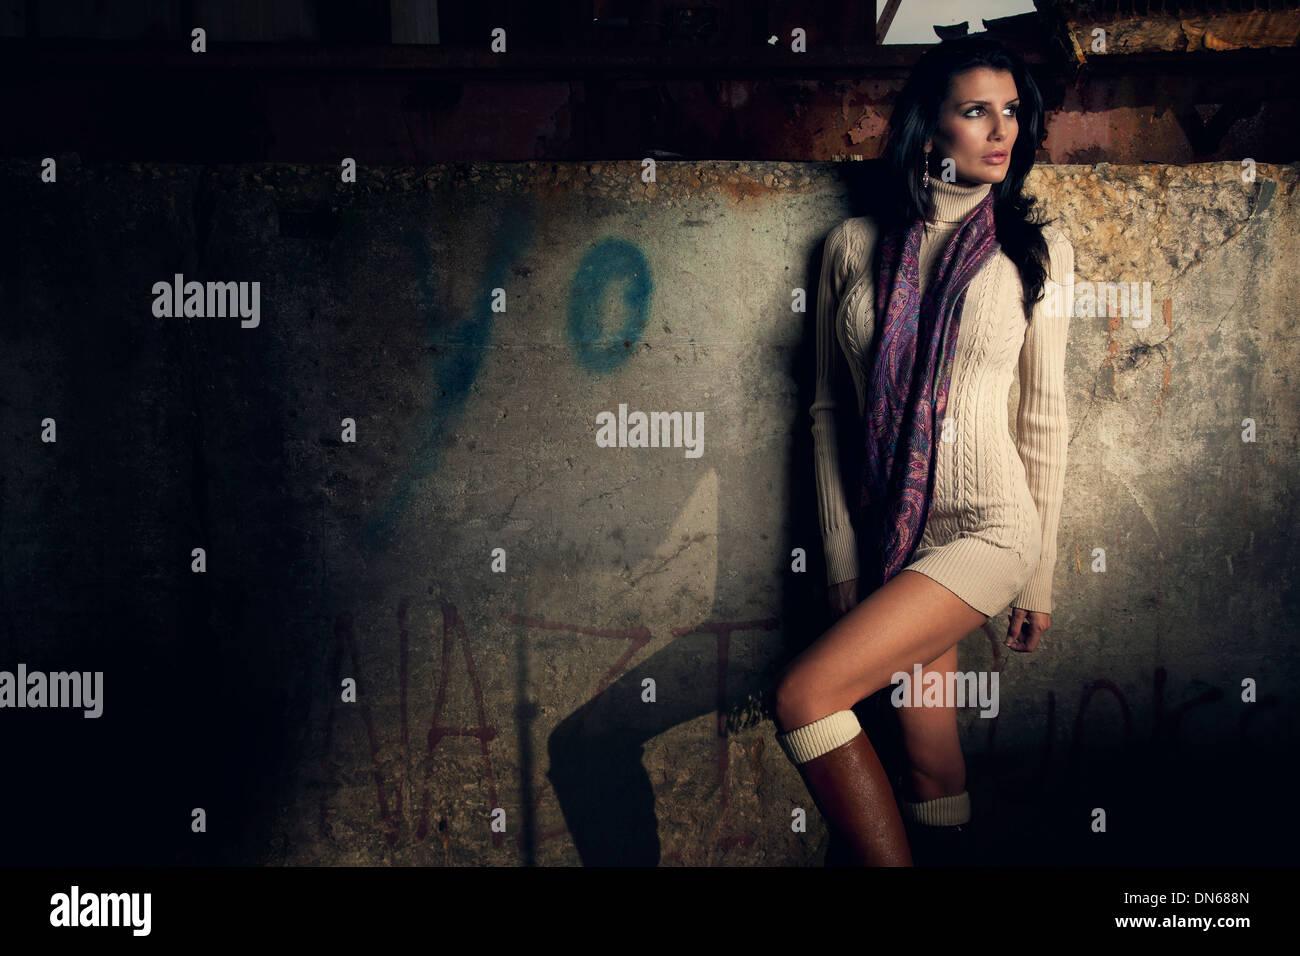 Moda retrato de mujer de pie en el almacén abandonado en vestido corto Imagen De Stock